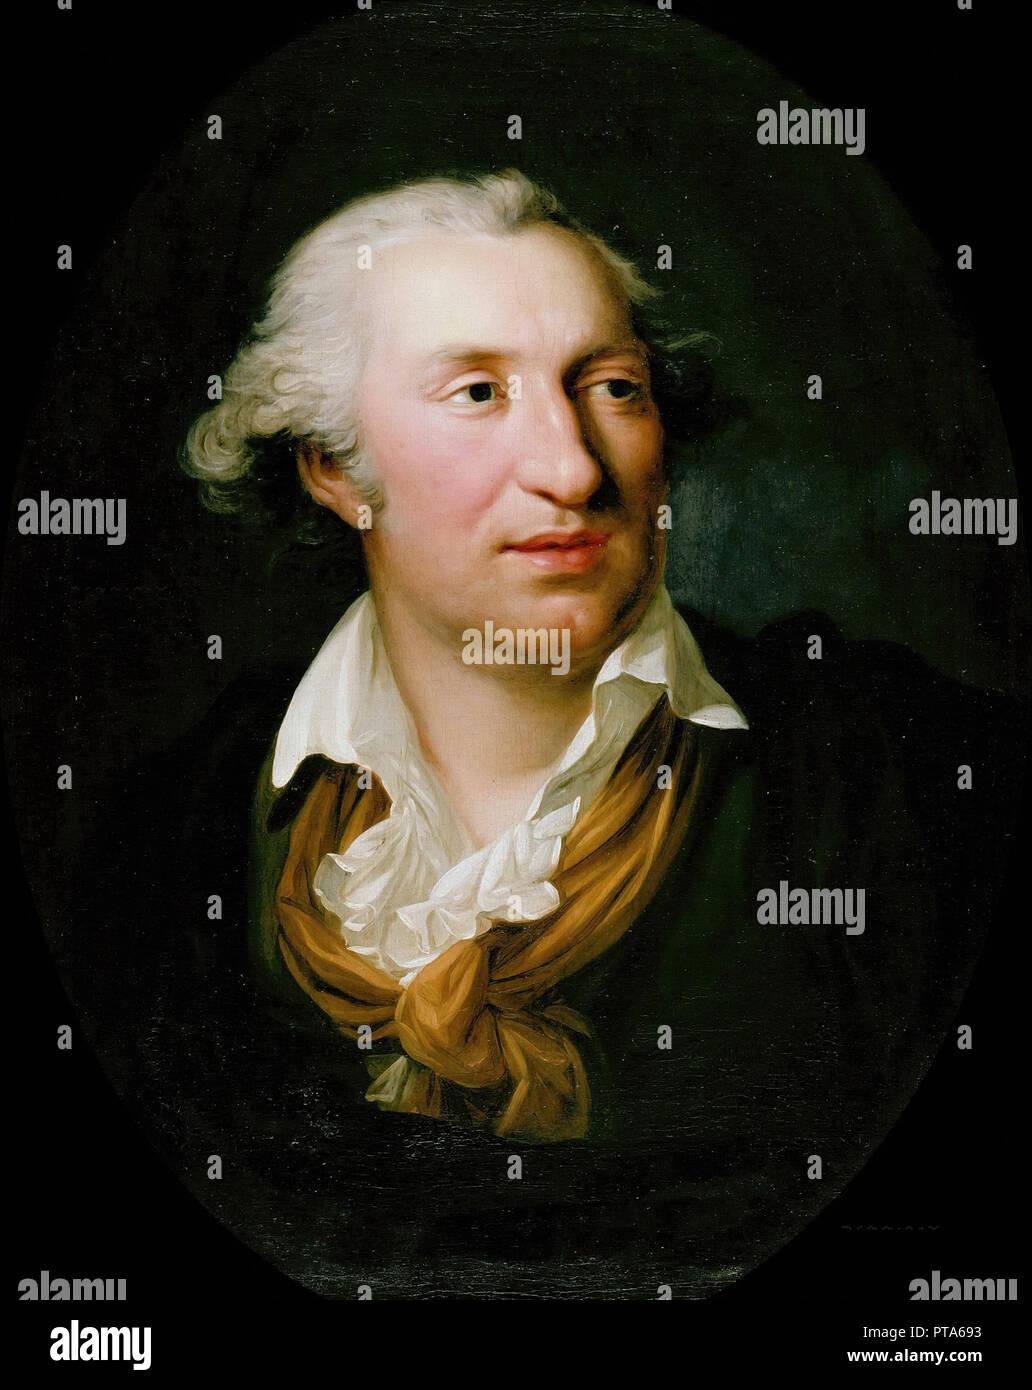 Retrato de Johann Gottfried Schadow (1764-1850), 1795. Creador: Weitsch, Georg Friedrich (1758-1828). Foto de stock